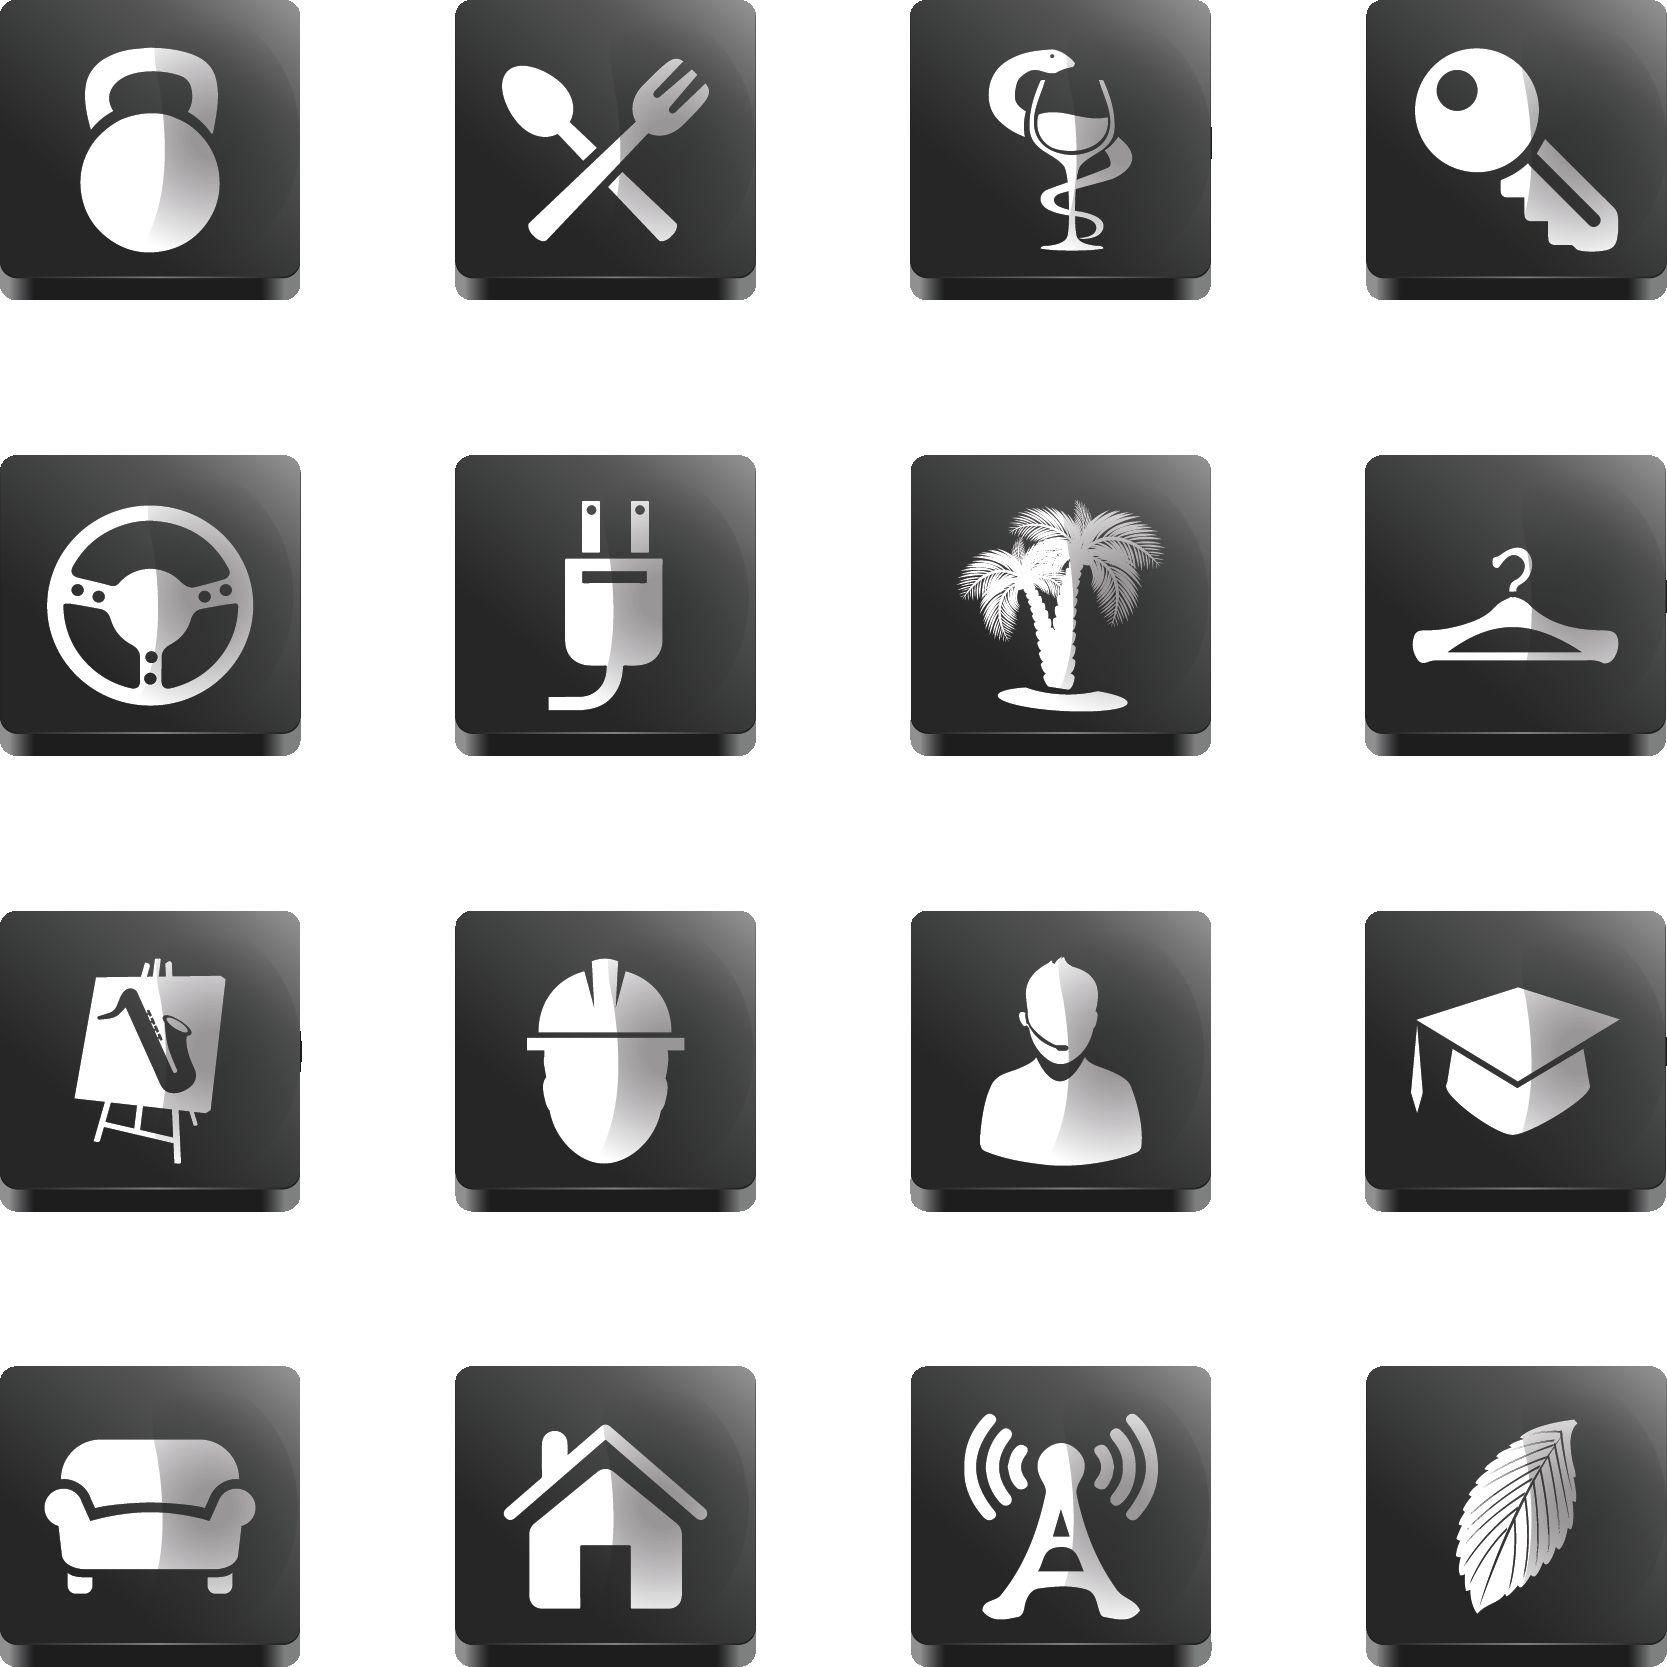 Иконки\кнопки для городского портала - дизайнер kost9kost